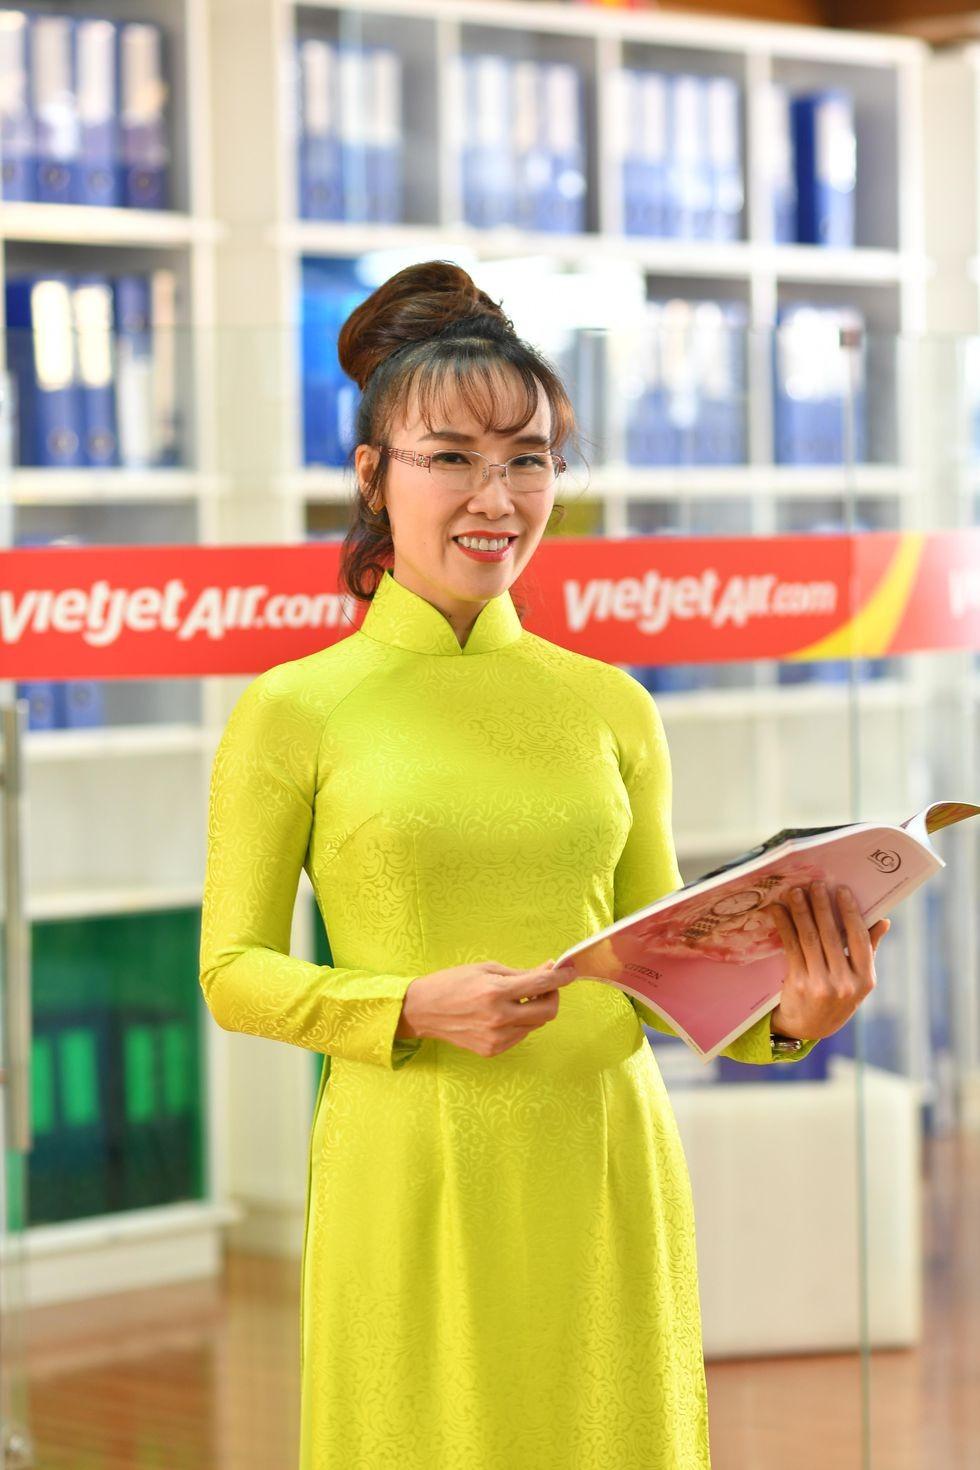 Cau chuyen khoi nghiep thang tram cua 6 ty phu Viet Nam duoc Forbes vinh danh-Hinh-4